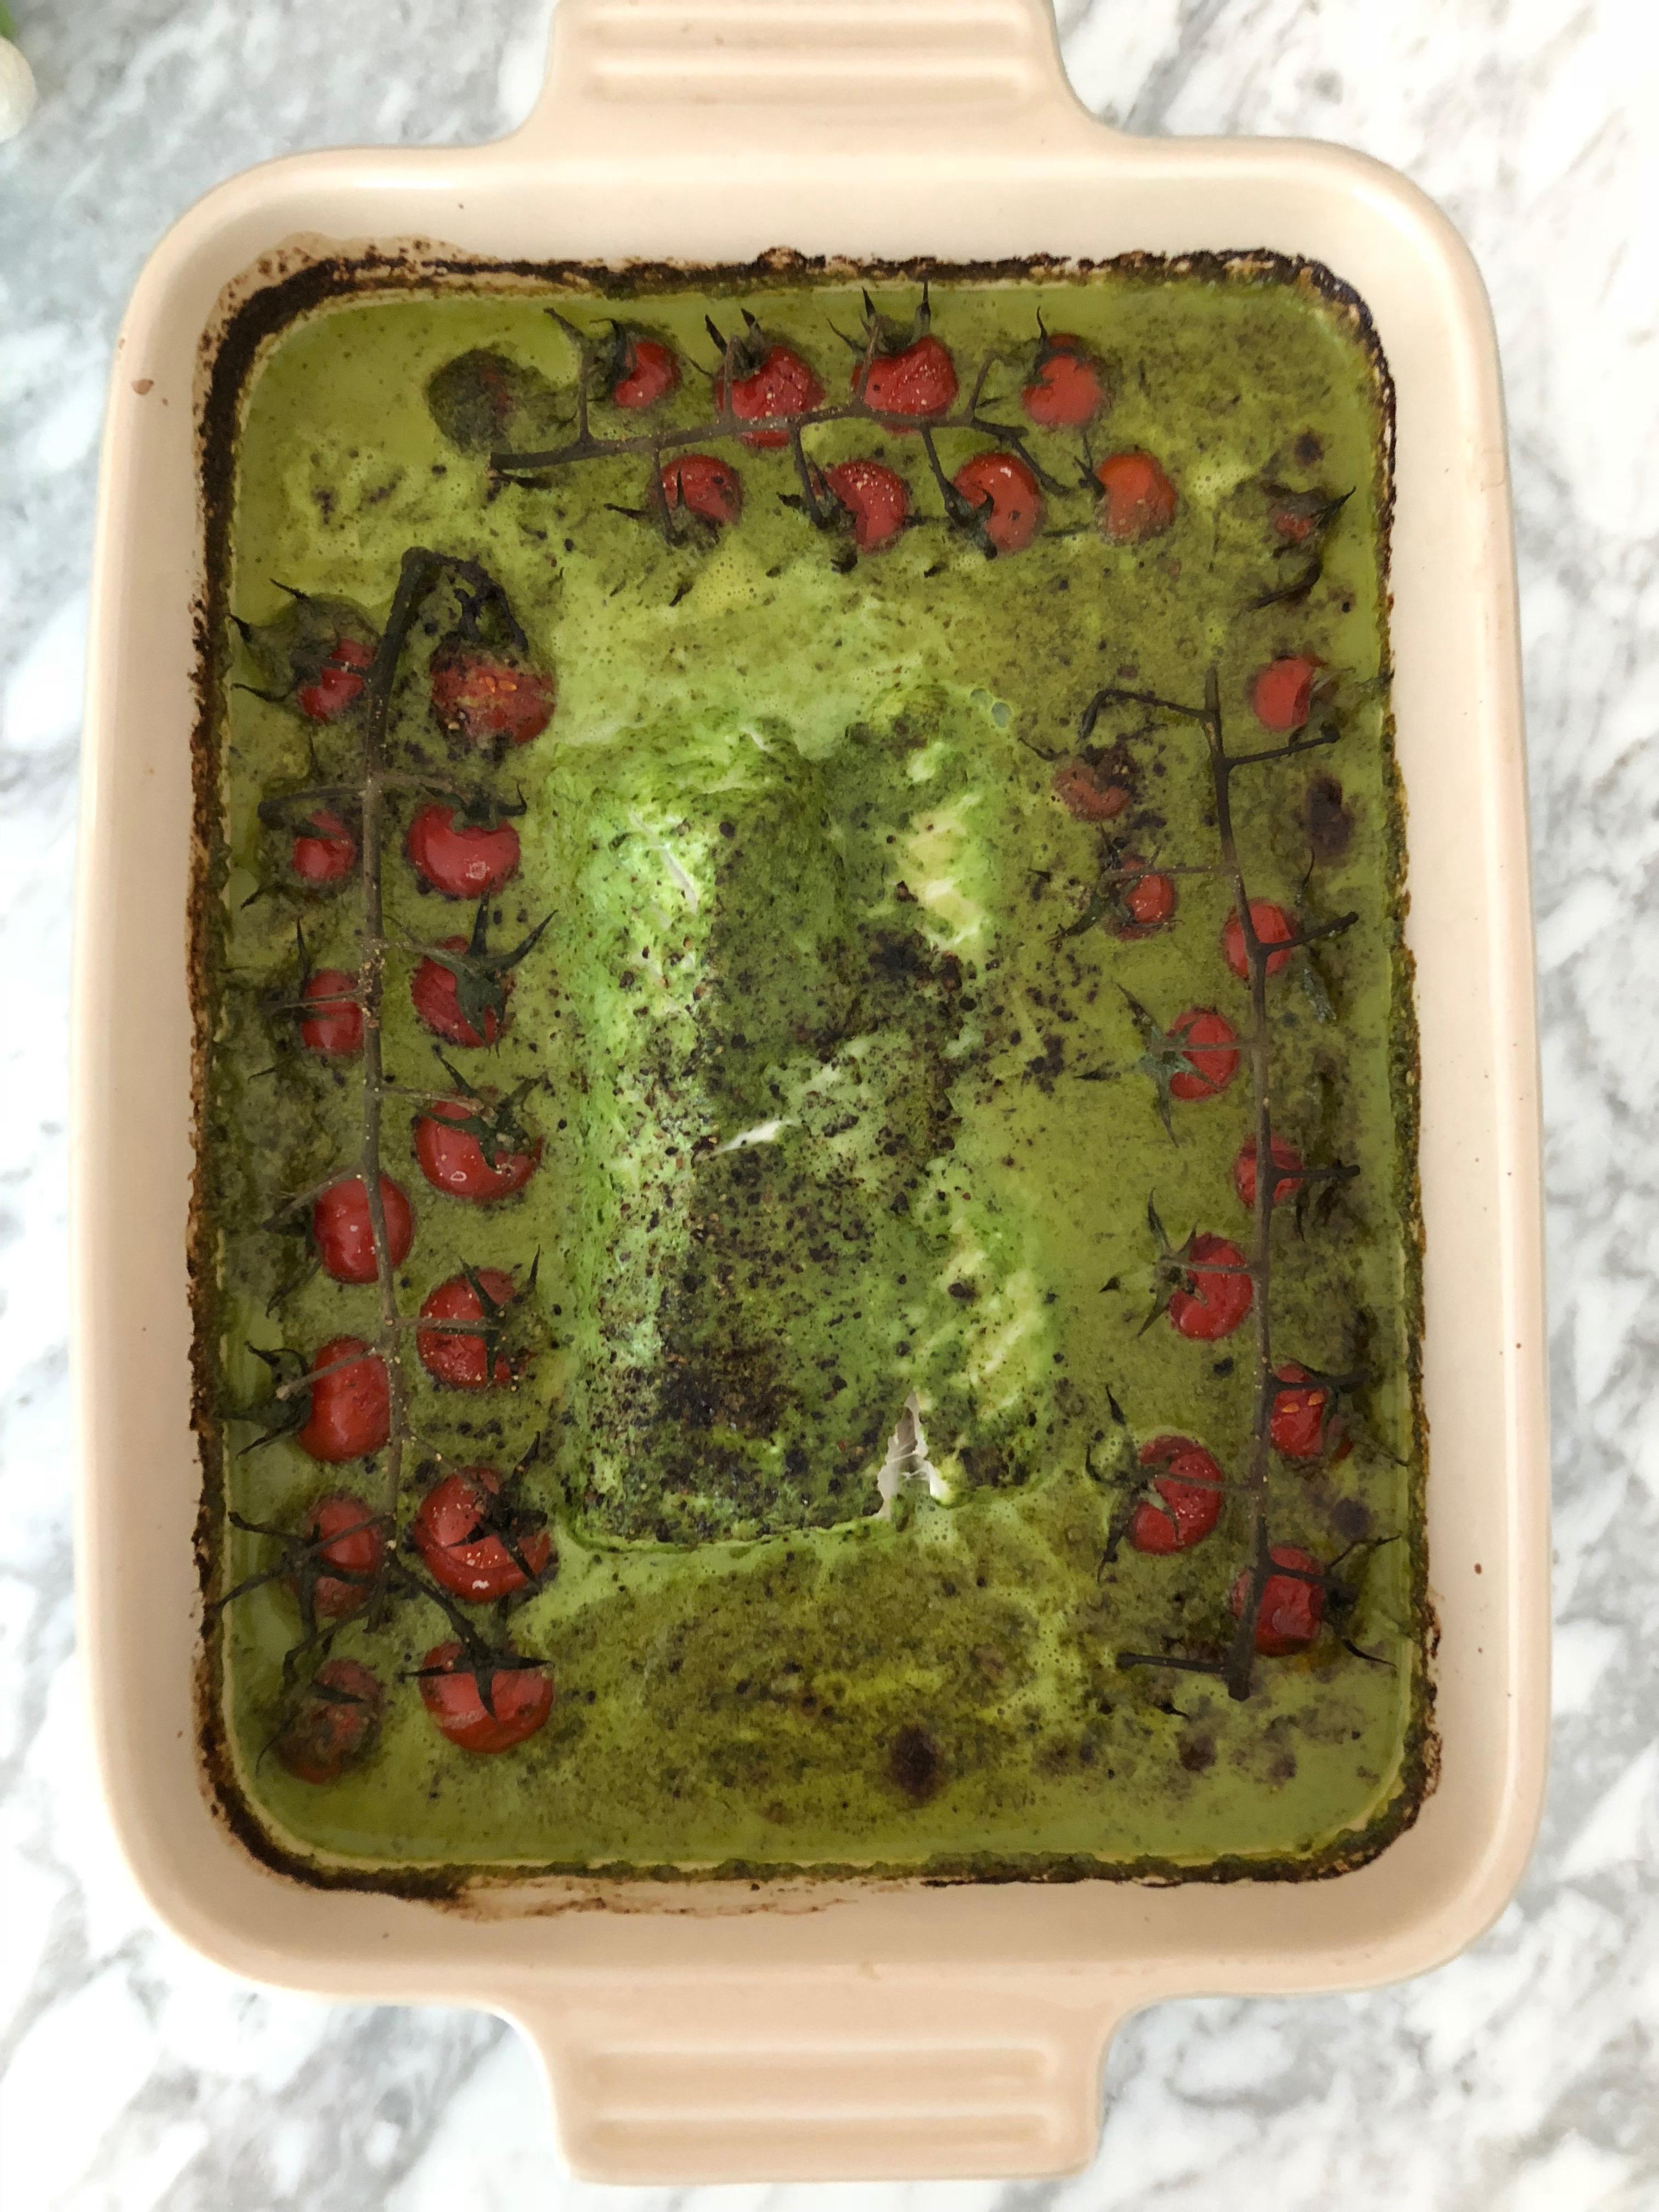 kabeljauw in 't groen